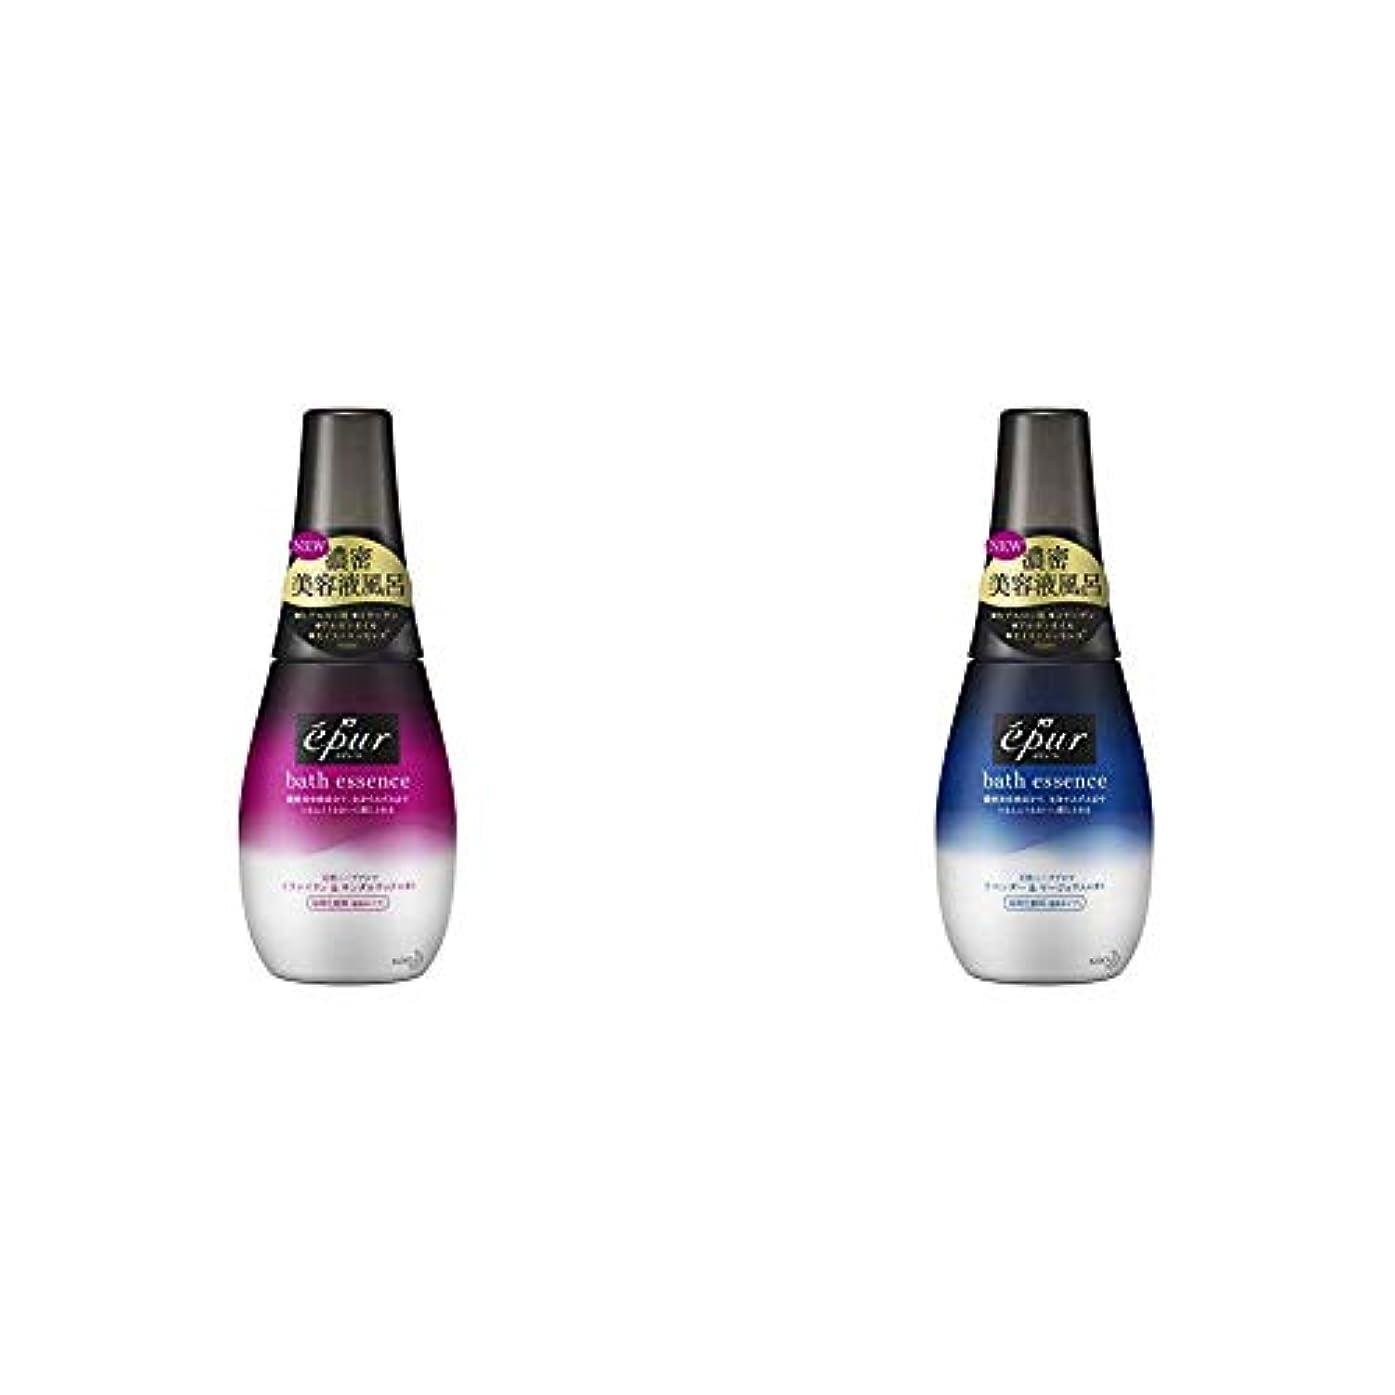 フォーク素晴らしき素晴らしきバブ エピュール バスエッセンス イランイラン&サンダルウッドの香り 280ml 液体 美容液 保湿 入浴剤 & エピュール バスエッセンス ラベンダー&マージョラムの香り 280ml 液体 美容液 保湿 入浴剤